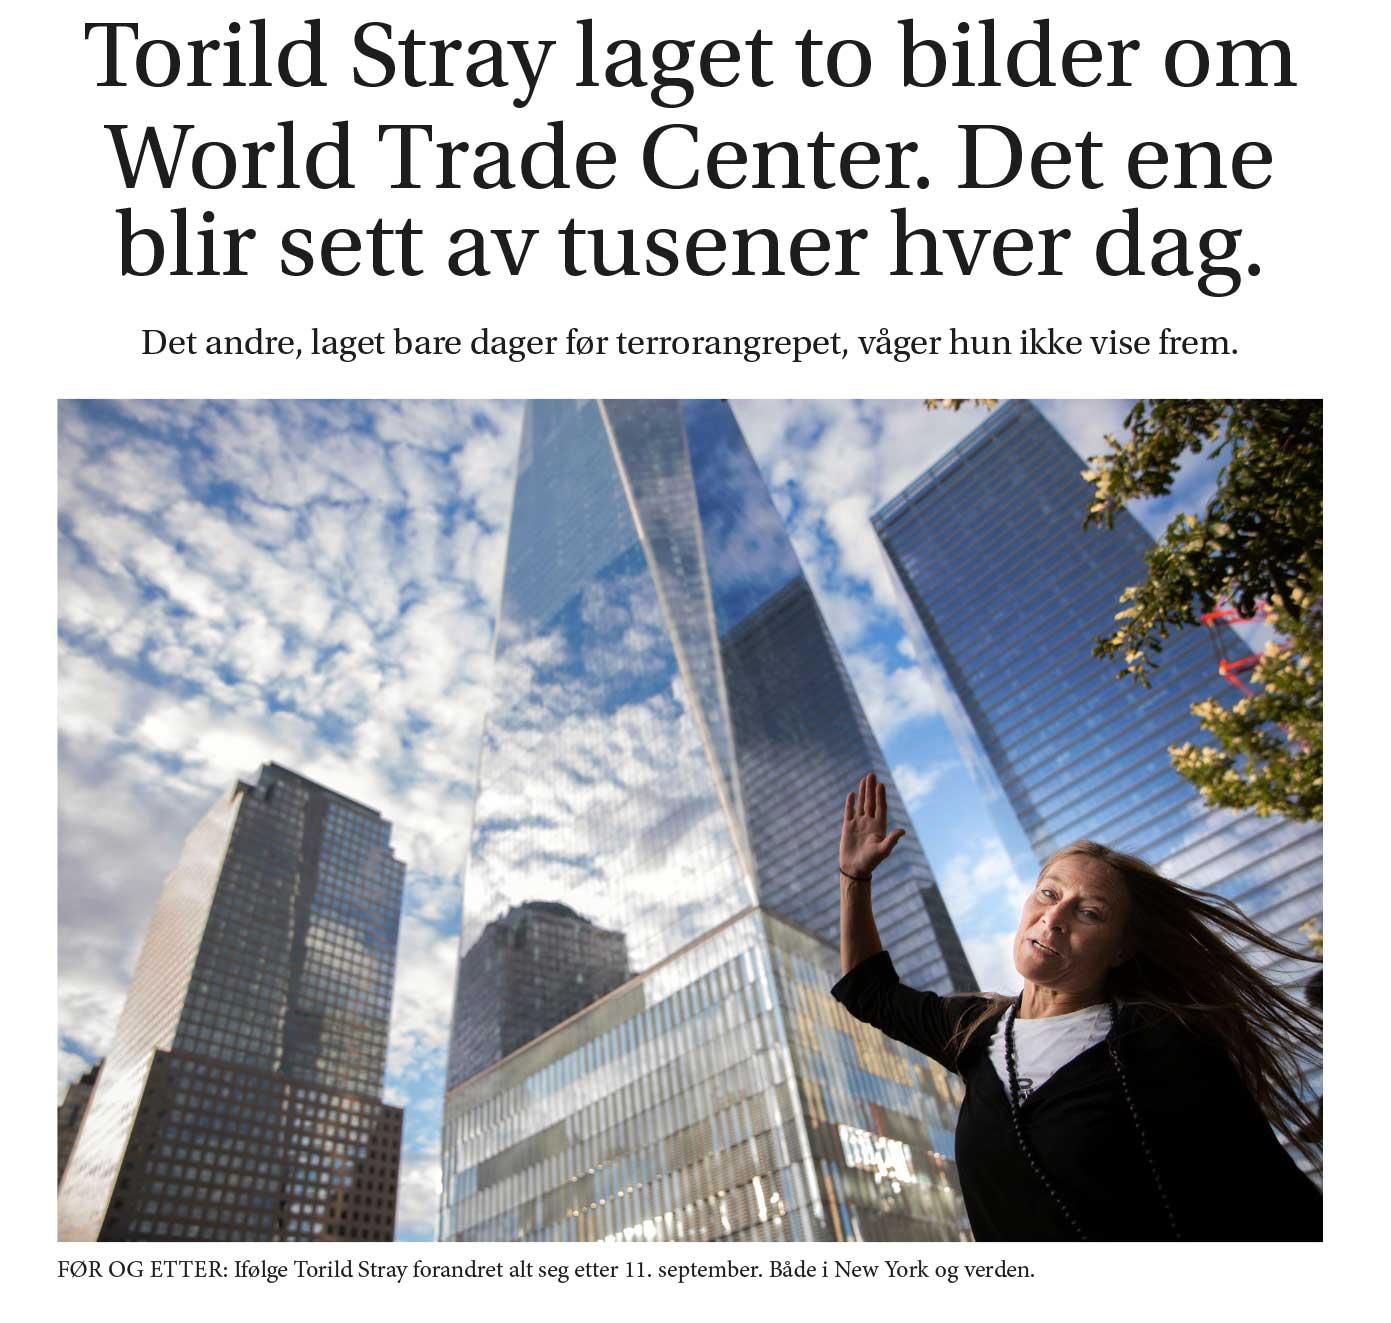 Torild Stray laget to bilder om World Trade Center.